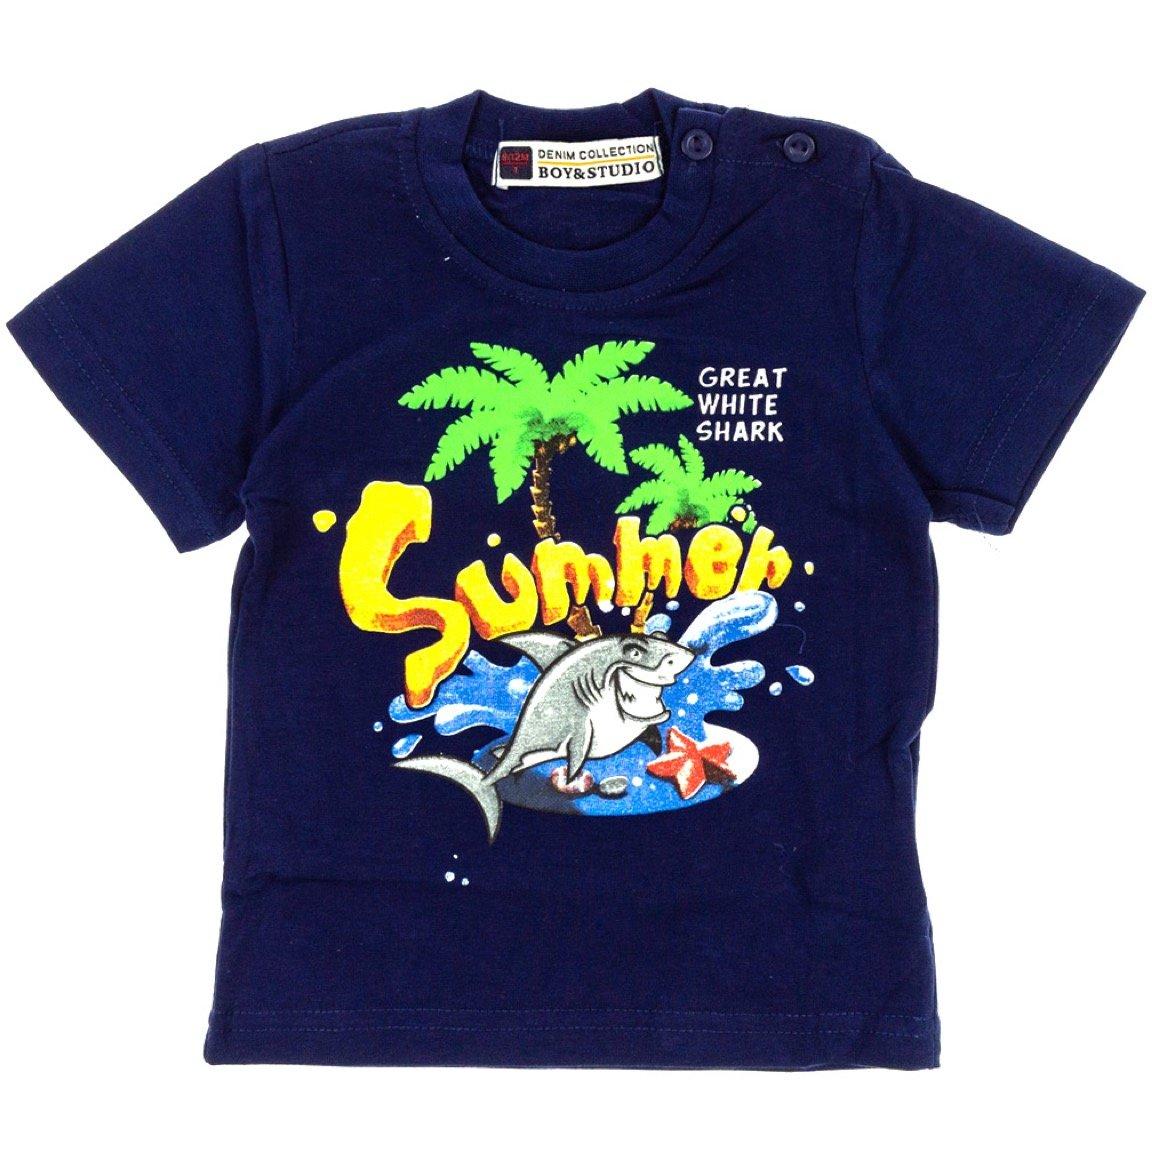 Boy & Studio παιδική μπλούζα «Blue Summer»